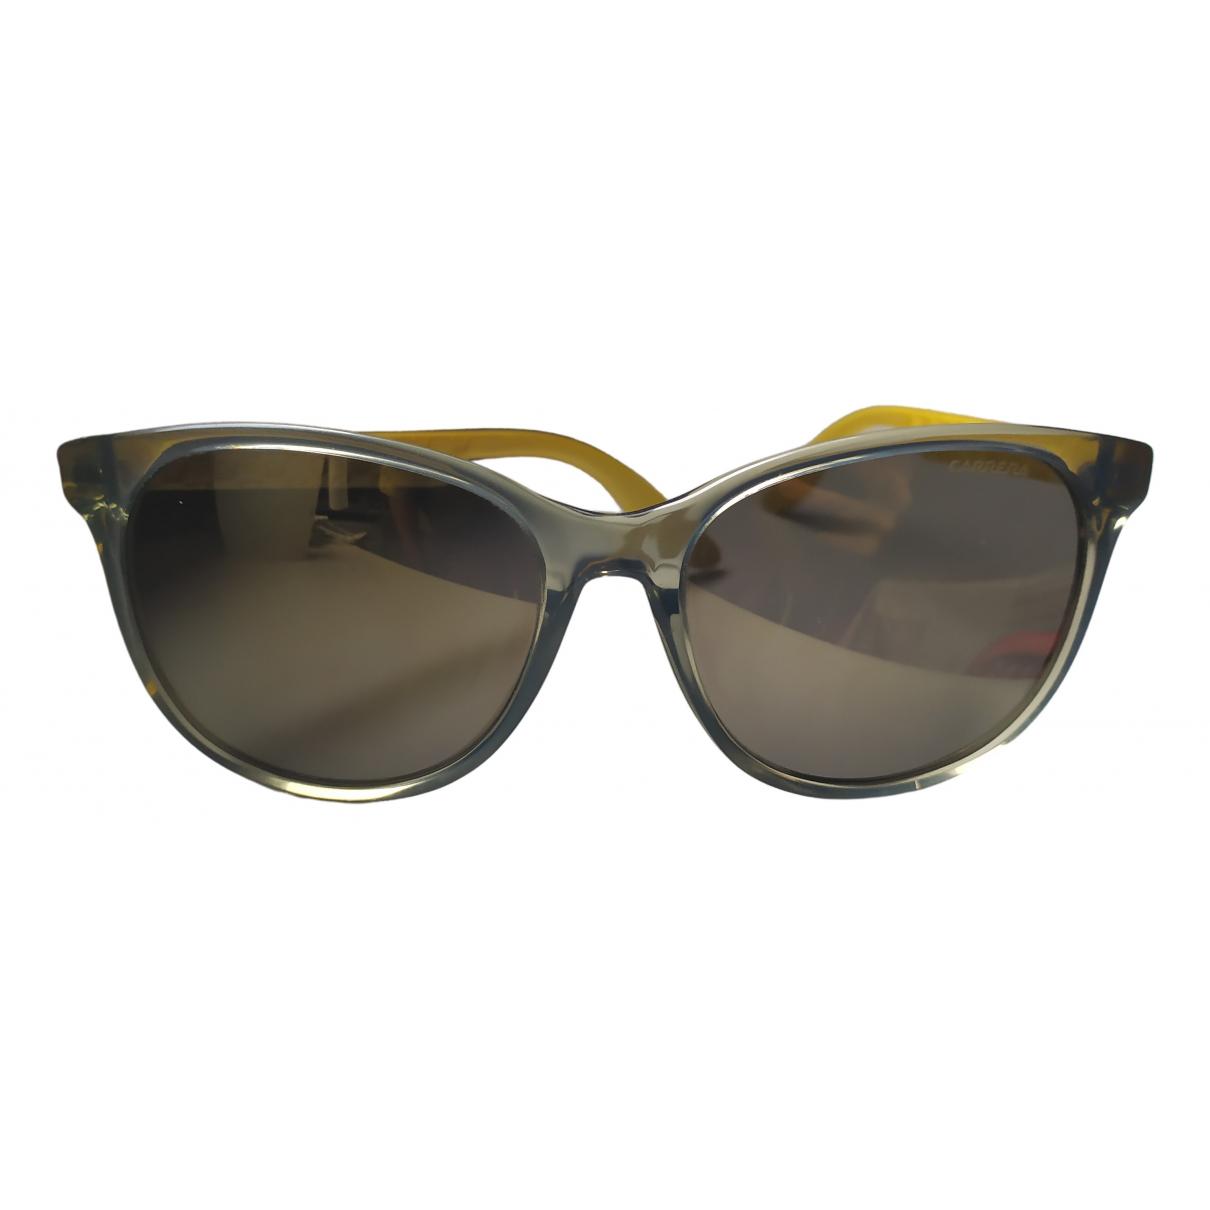 Carrera - Lunettes   pour femme - jaune